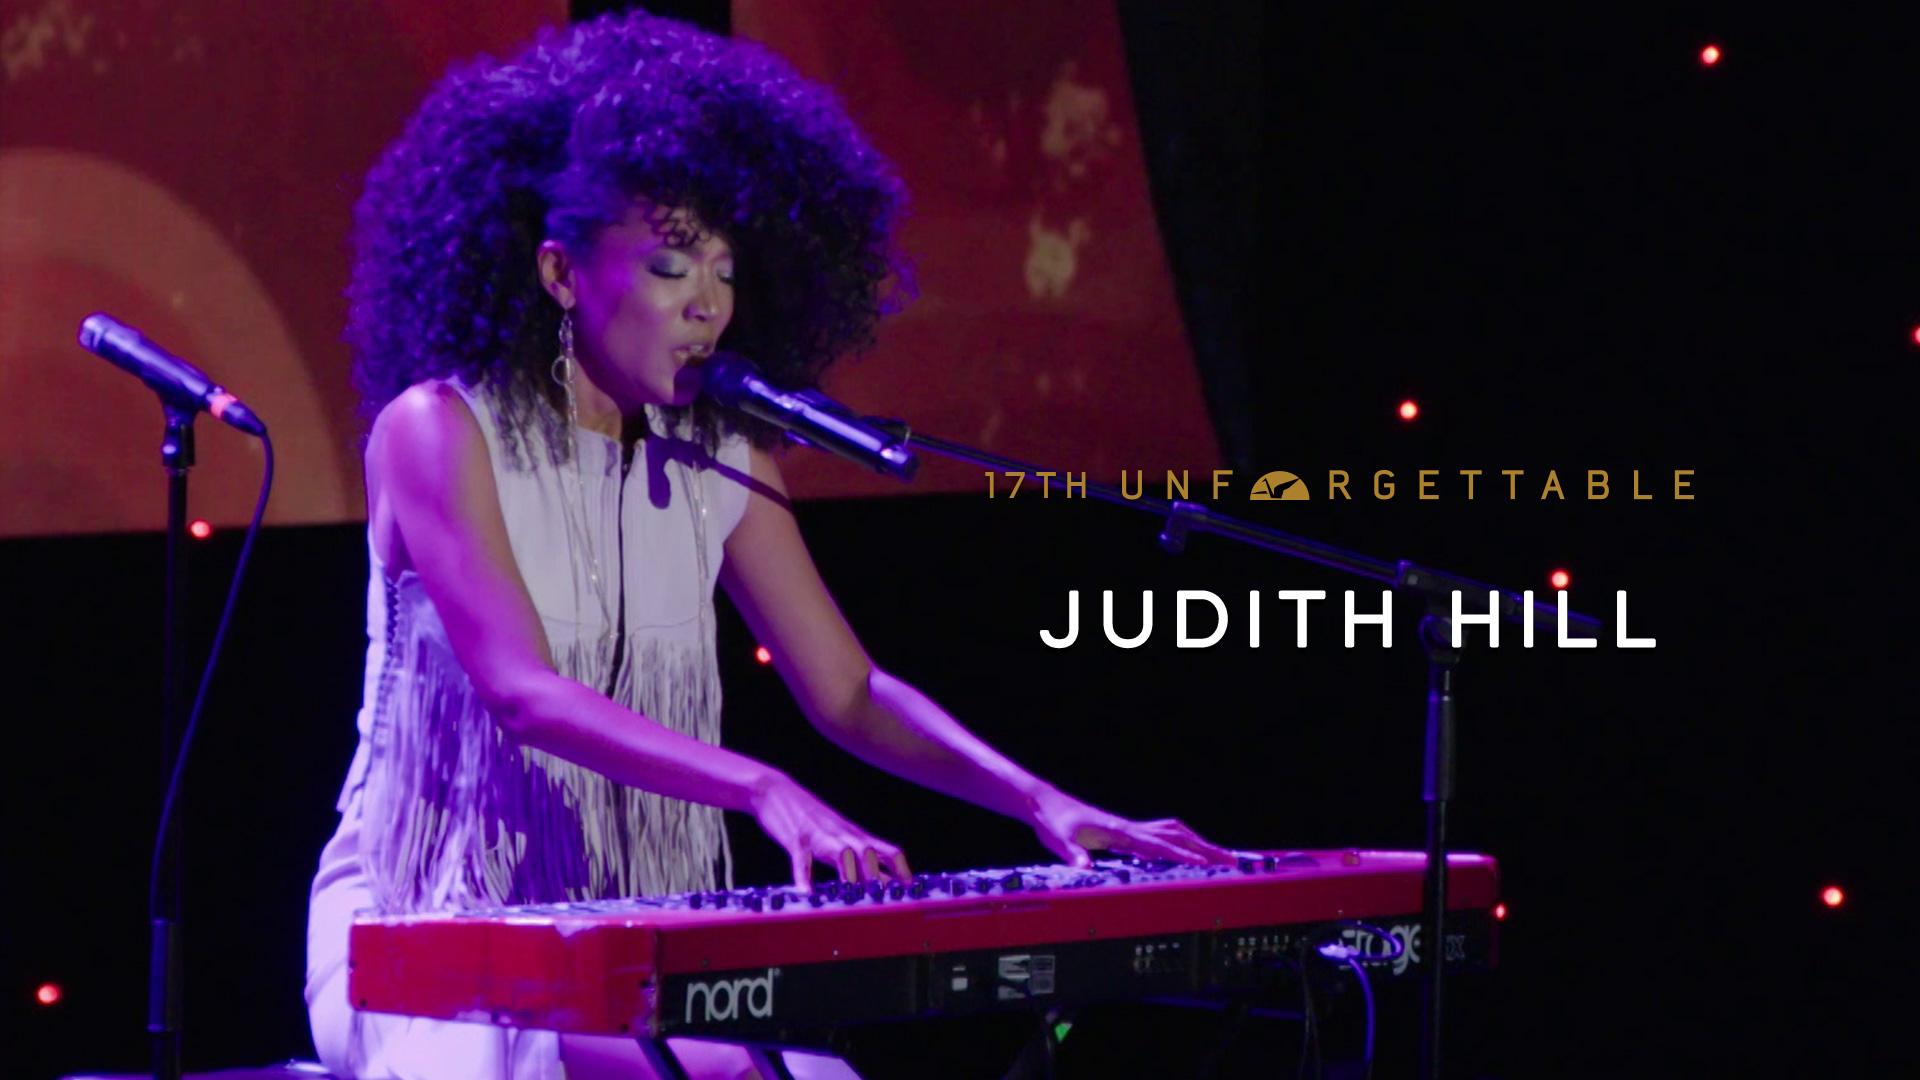 Judith Hill